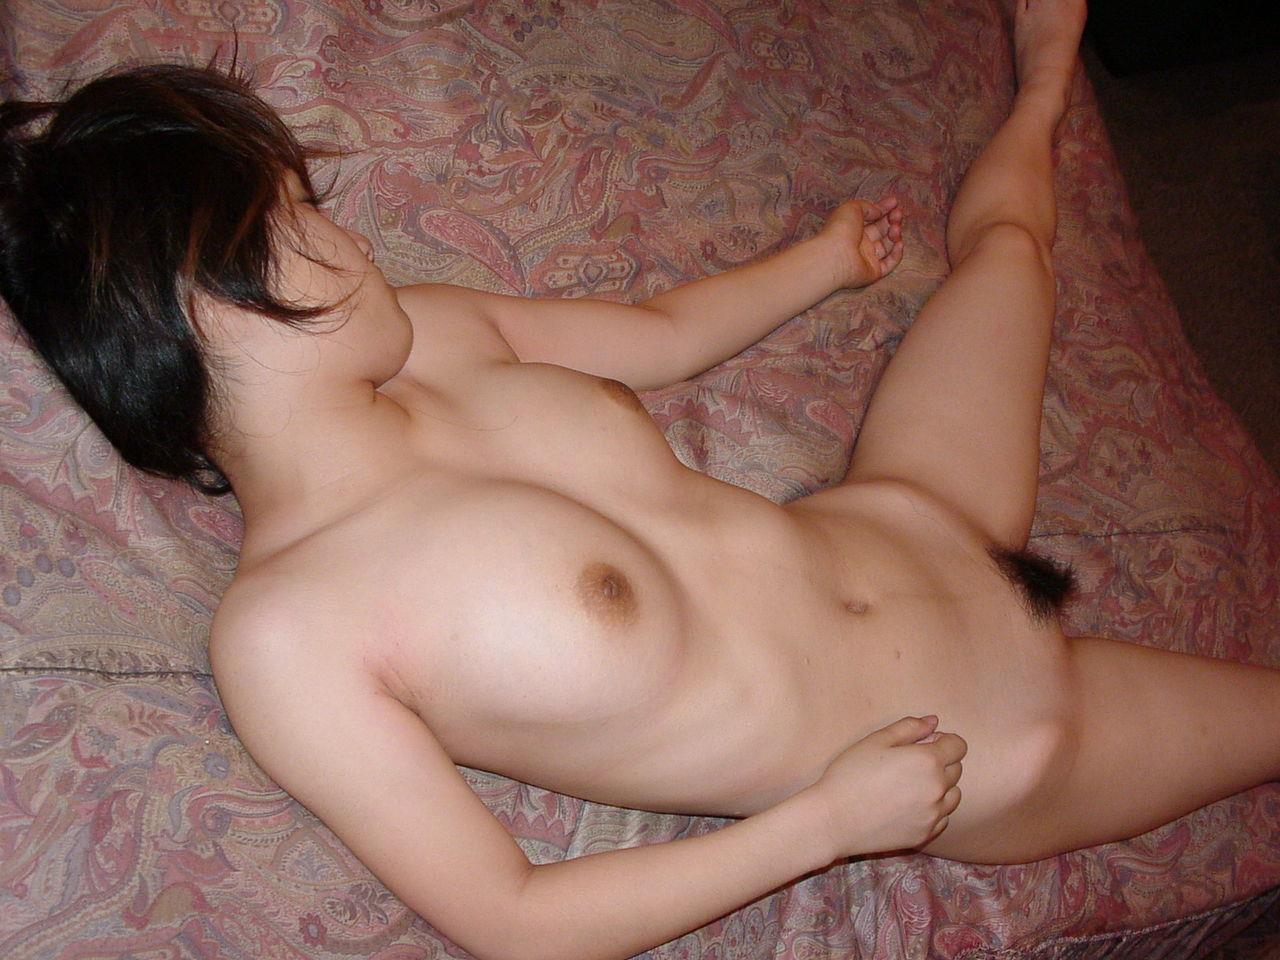 セックス後の素人女性 画像 42